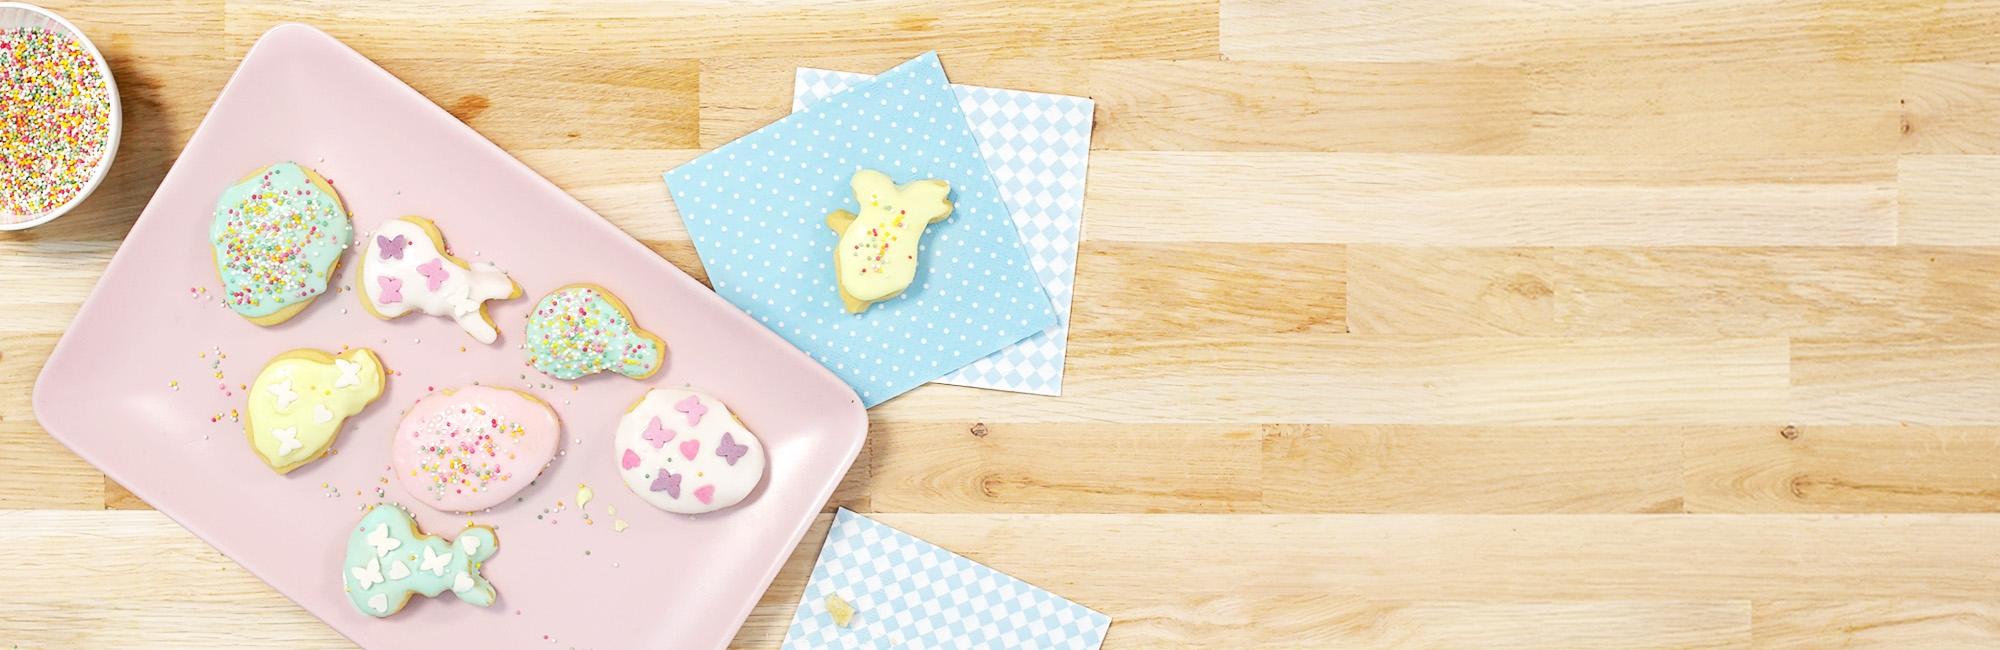 zandkoekjes, koekjes, glazuur